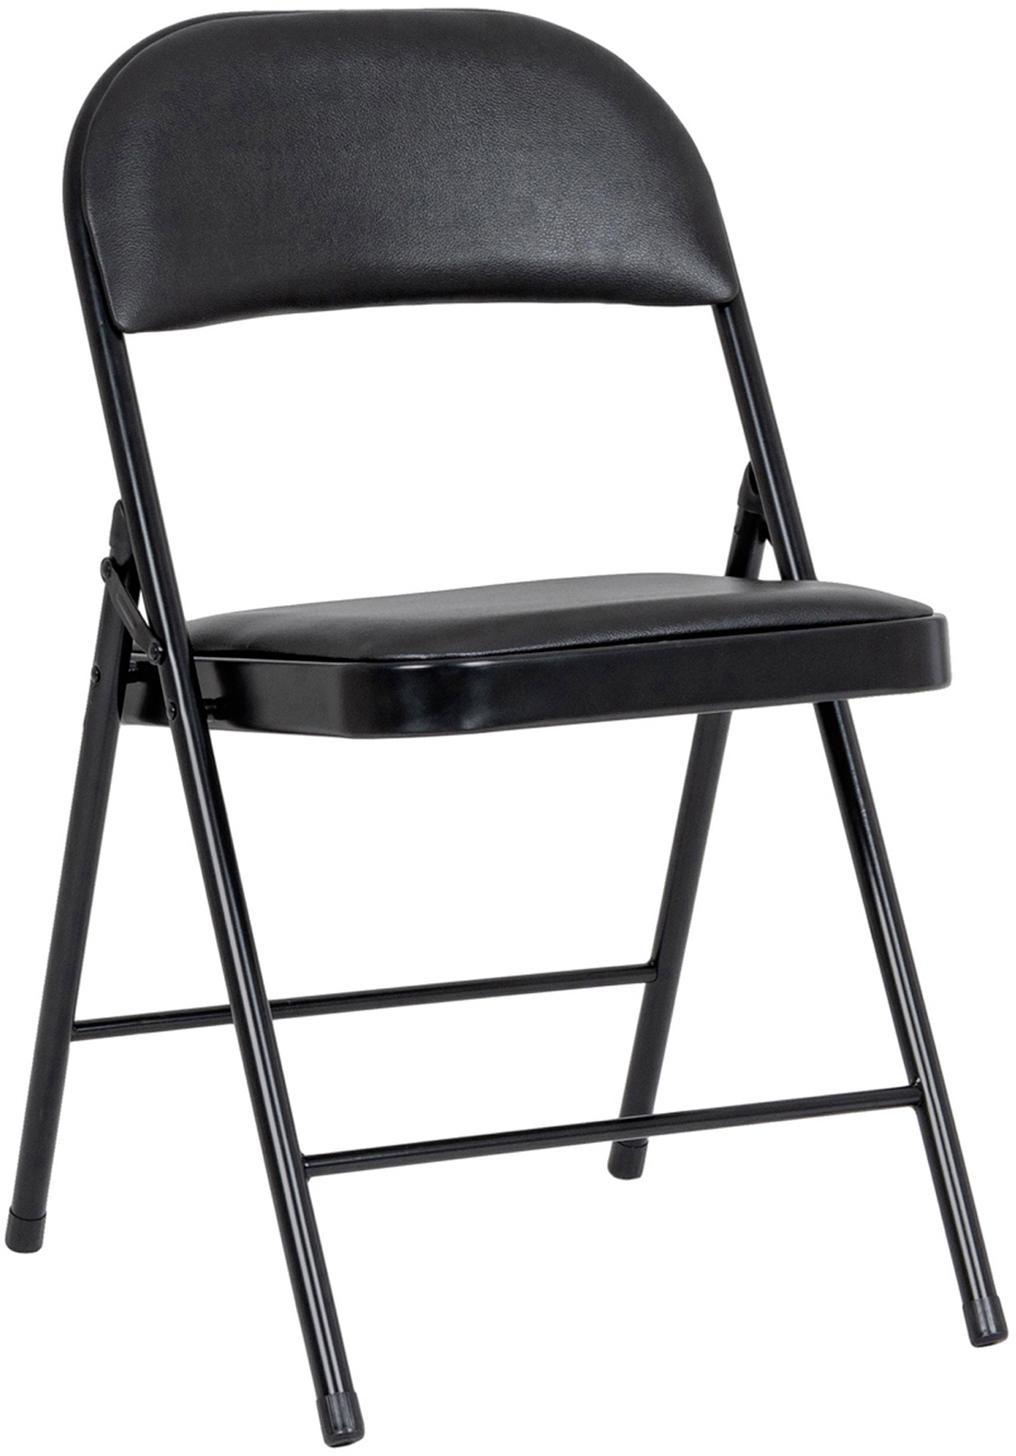 Klapstoelen Felicity, 2 stuks, Frame: gepoedercoat metaal, Zwart, B 45 x D 45 cm